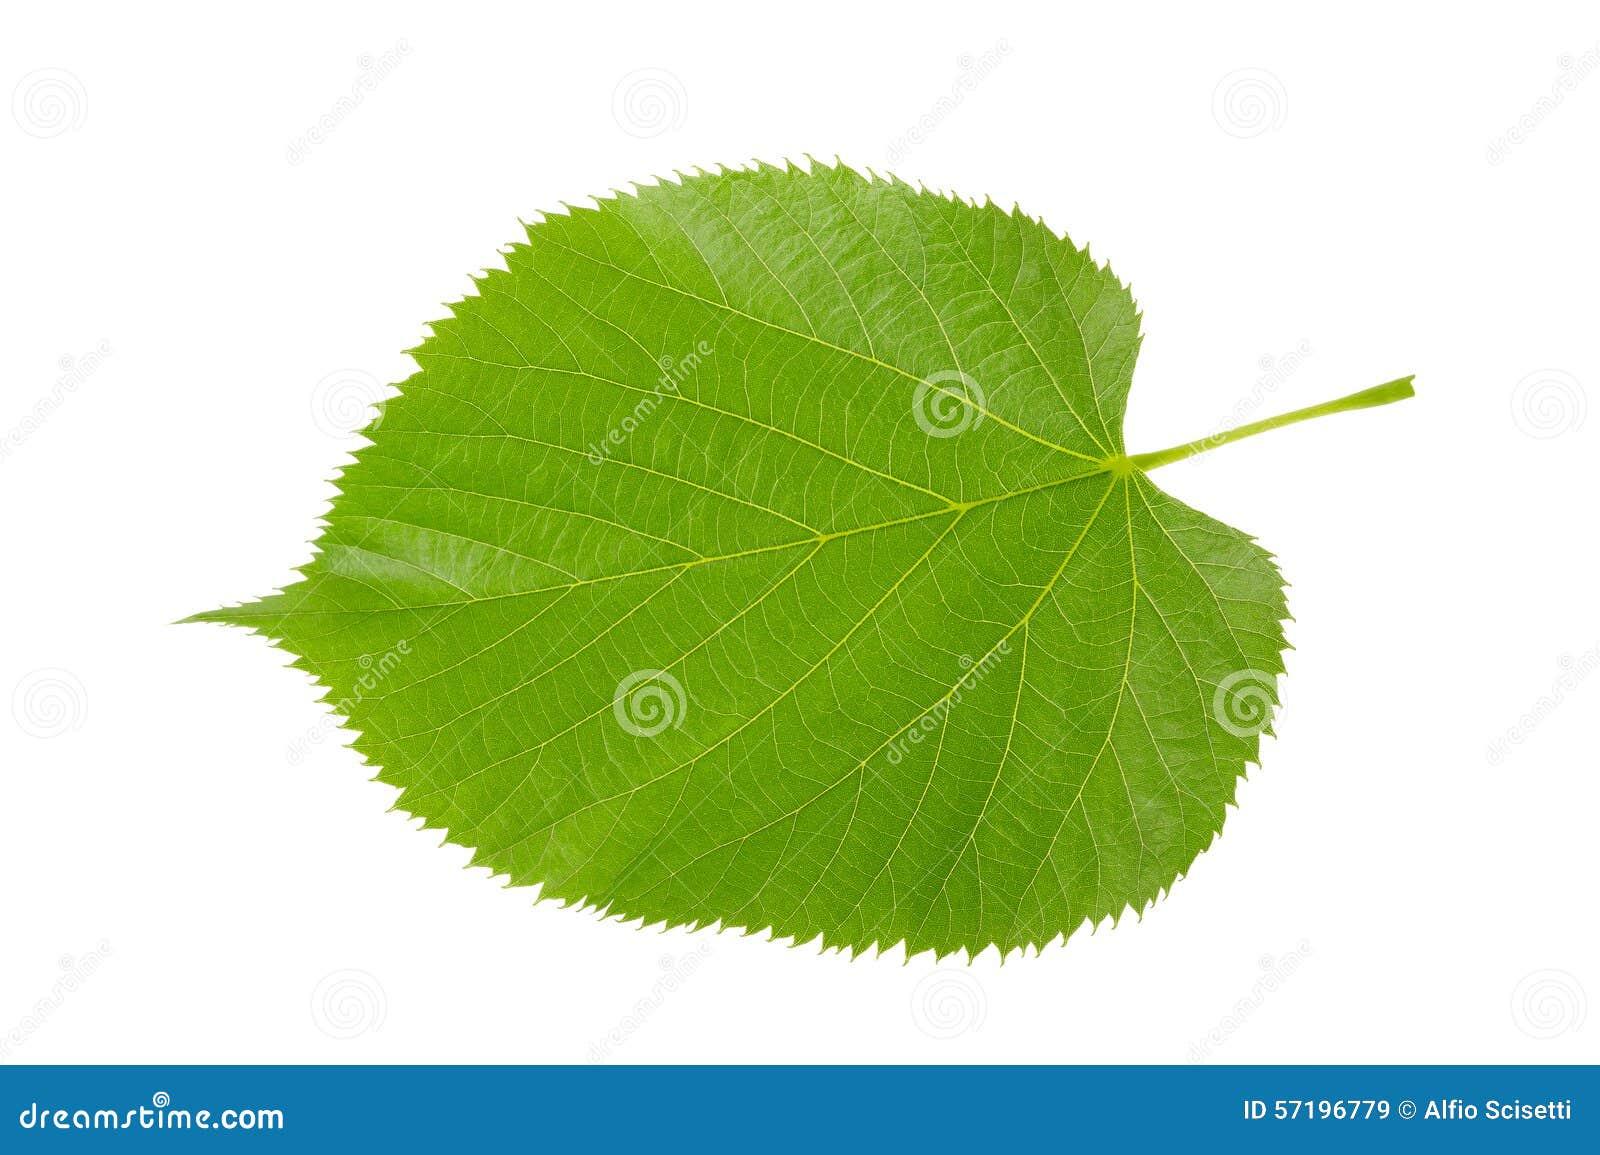 feuille de tilleul image stock image du herbe normal 57196779. Black Bedroom Furniture Sets. Home Design Ideas